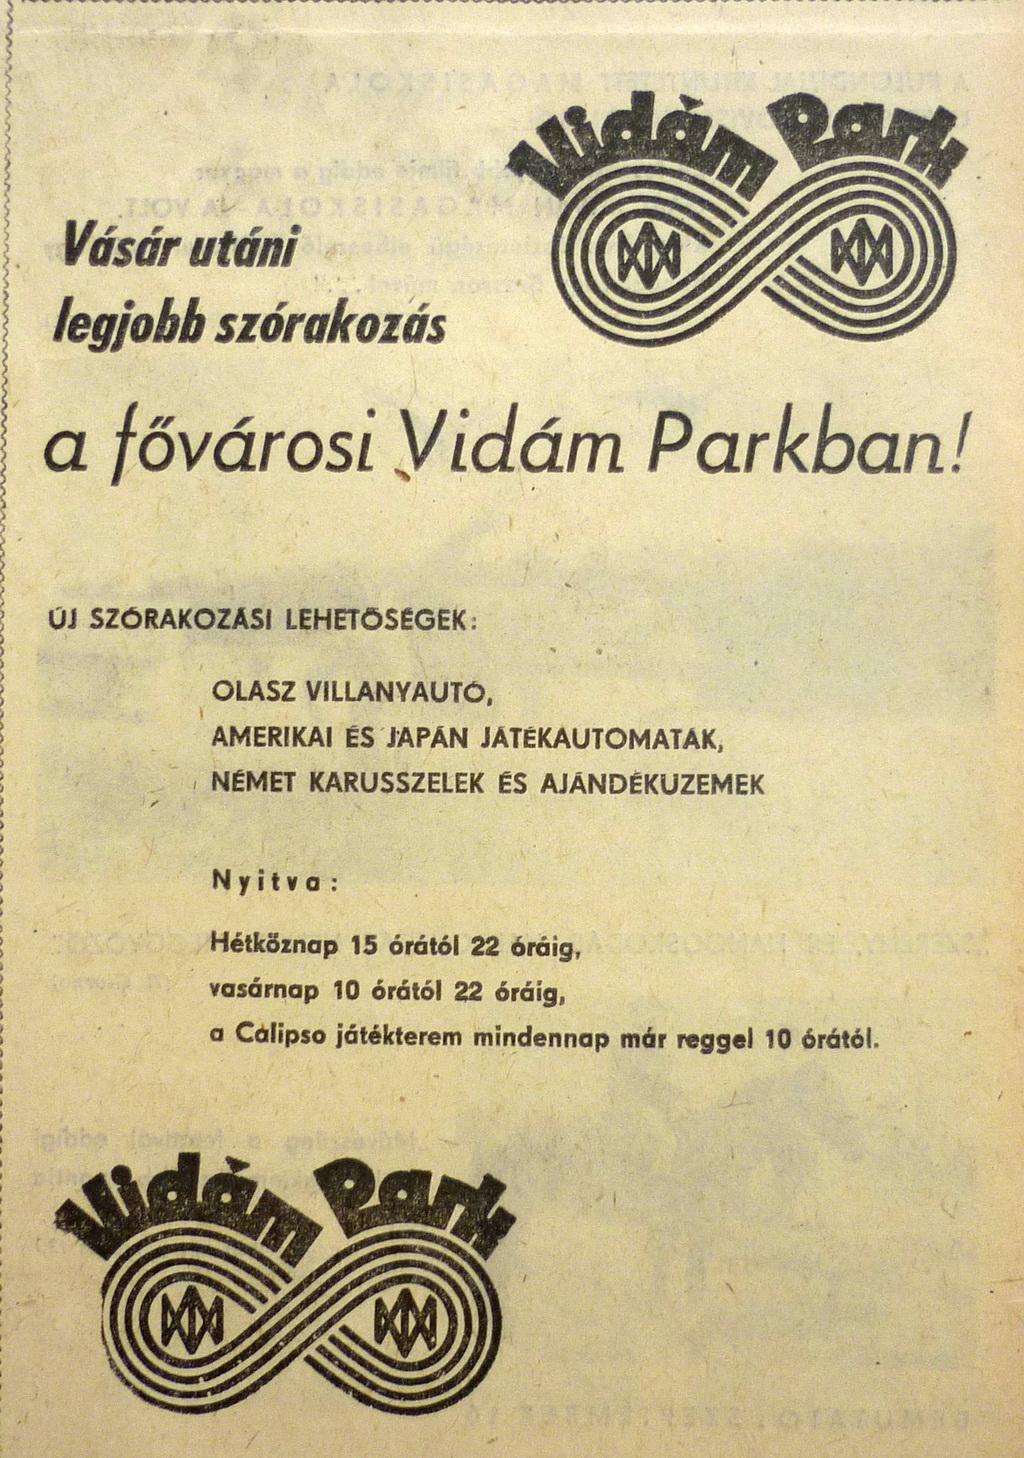 vidampark-197008-magyarnemzethirdetes.jpg